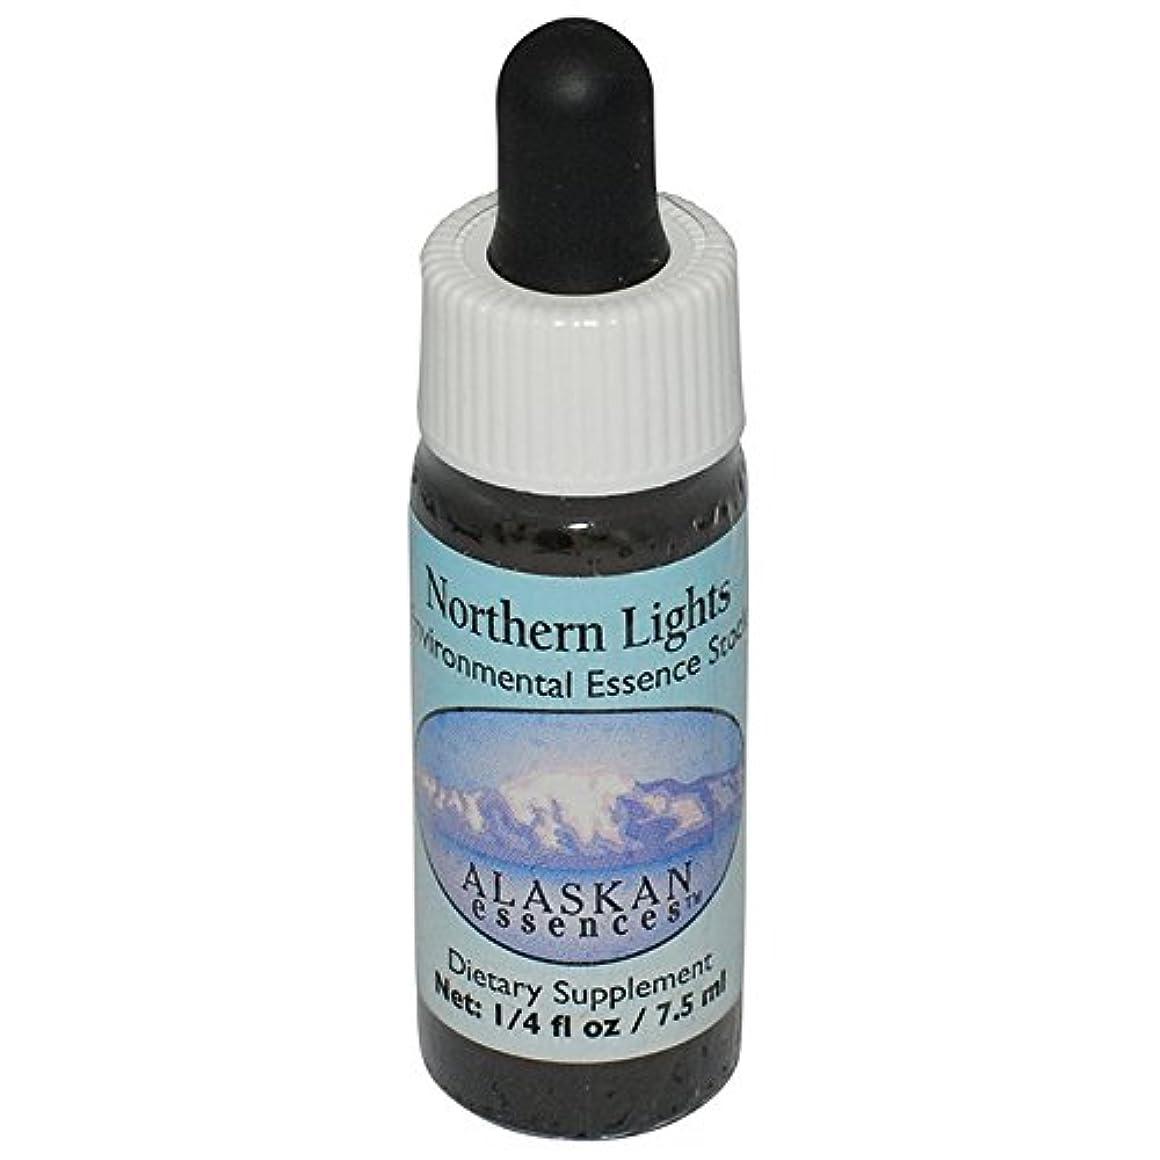 間違いトリッキー昆虫を見るアラスカン?エッセンス/エンバイロメンタル(環境)[ノーザンライト(オーロラ)]